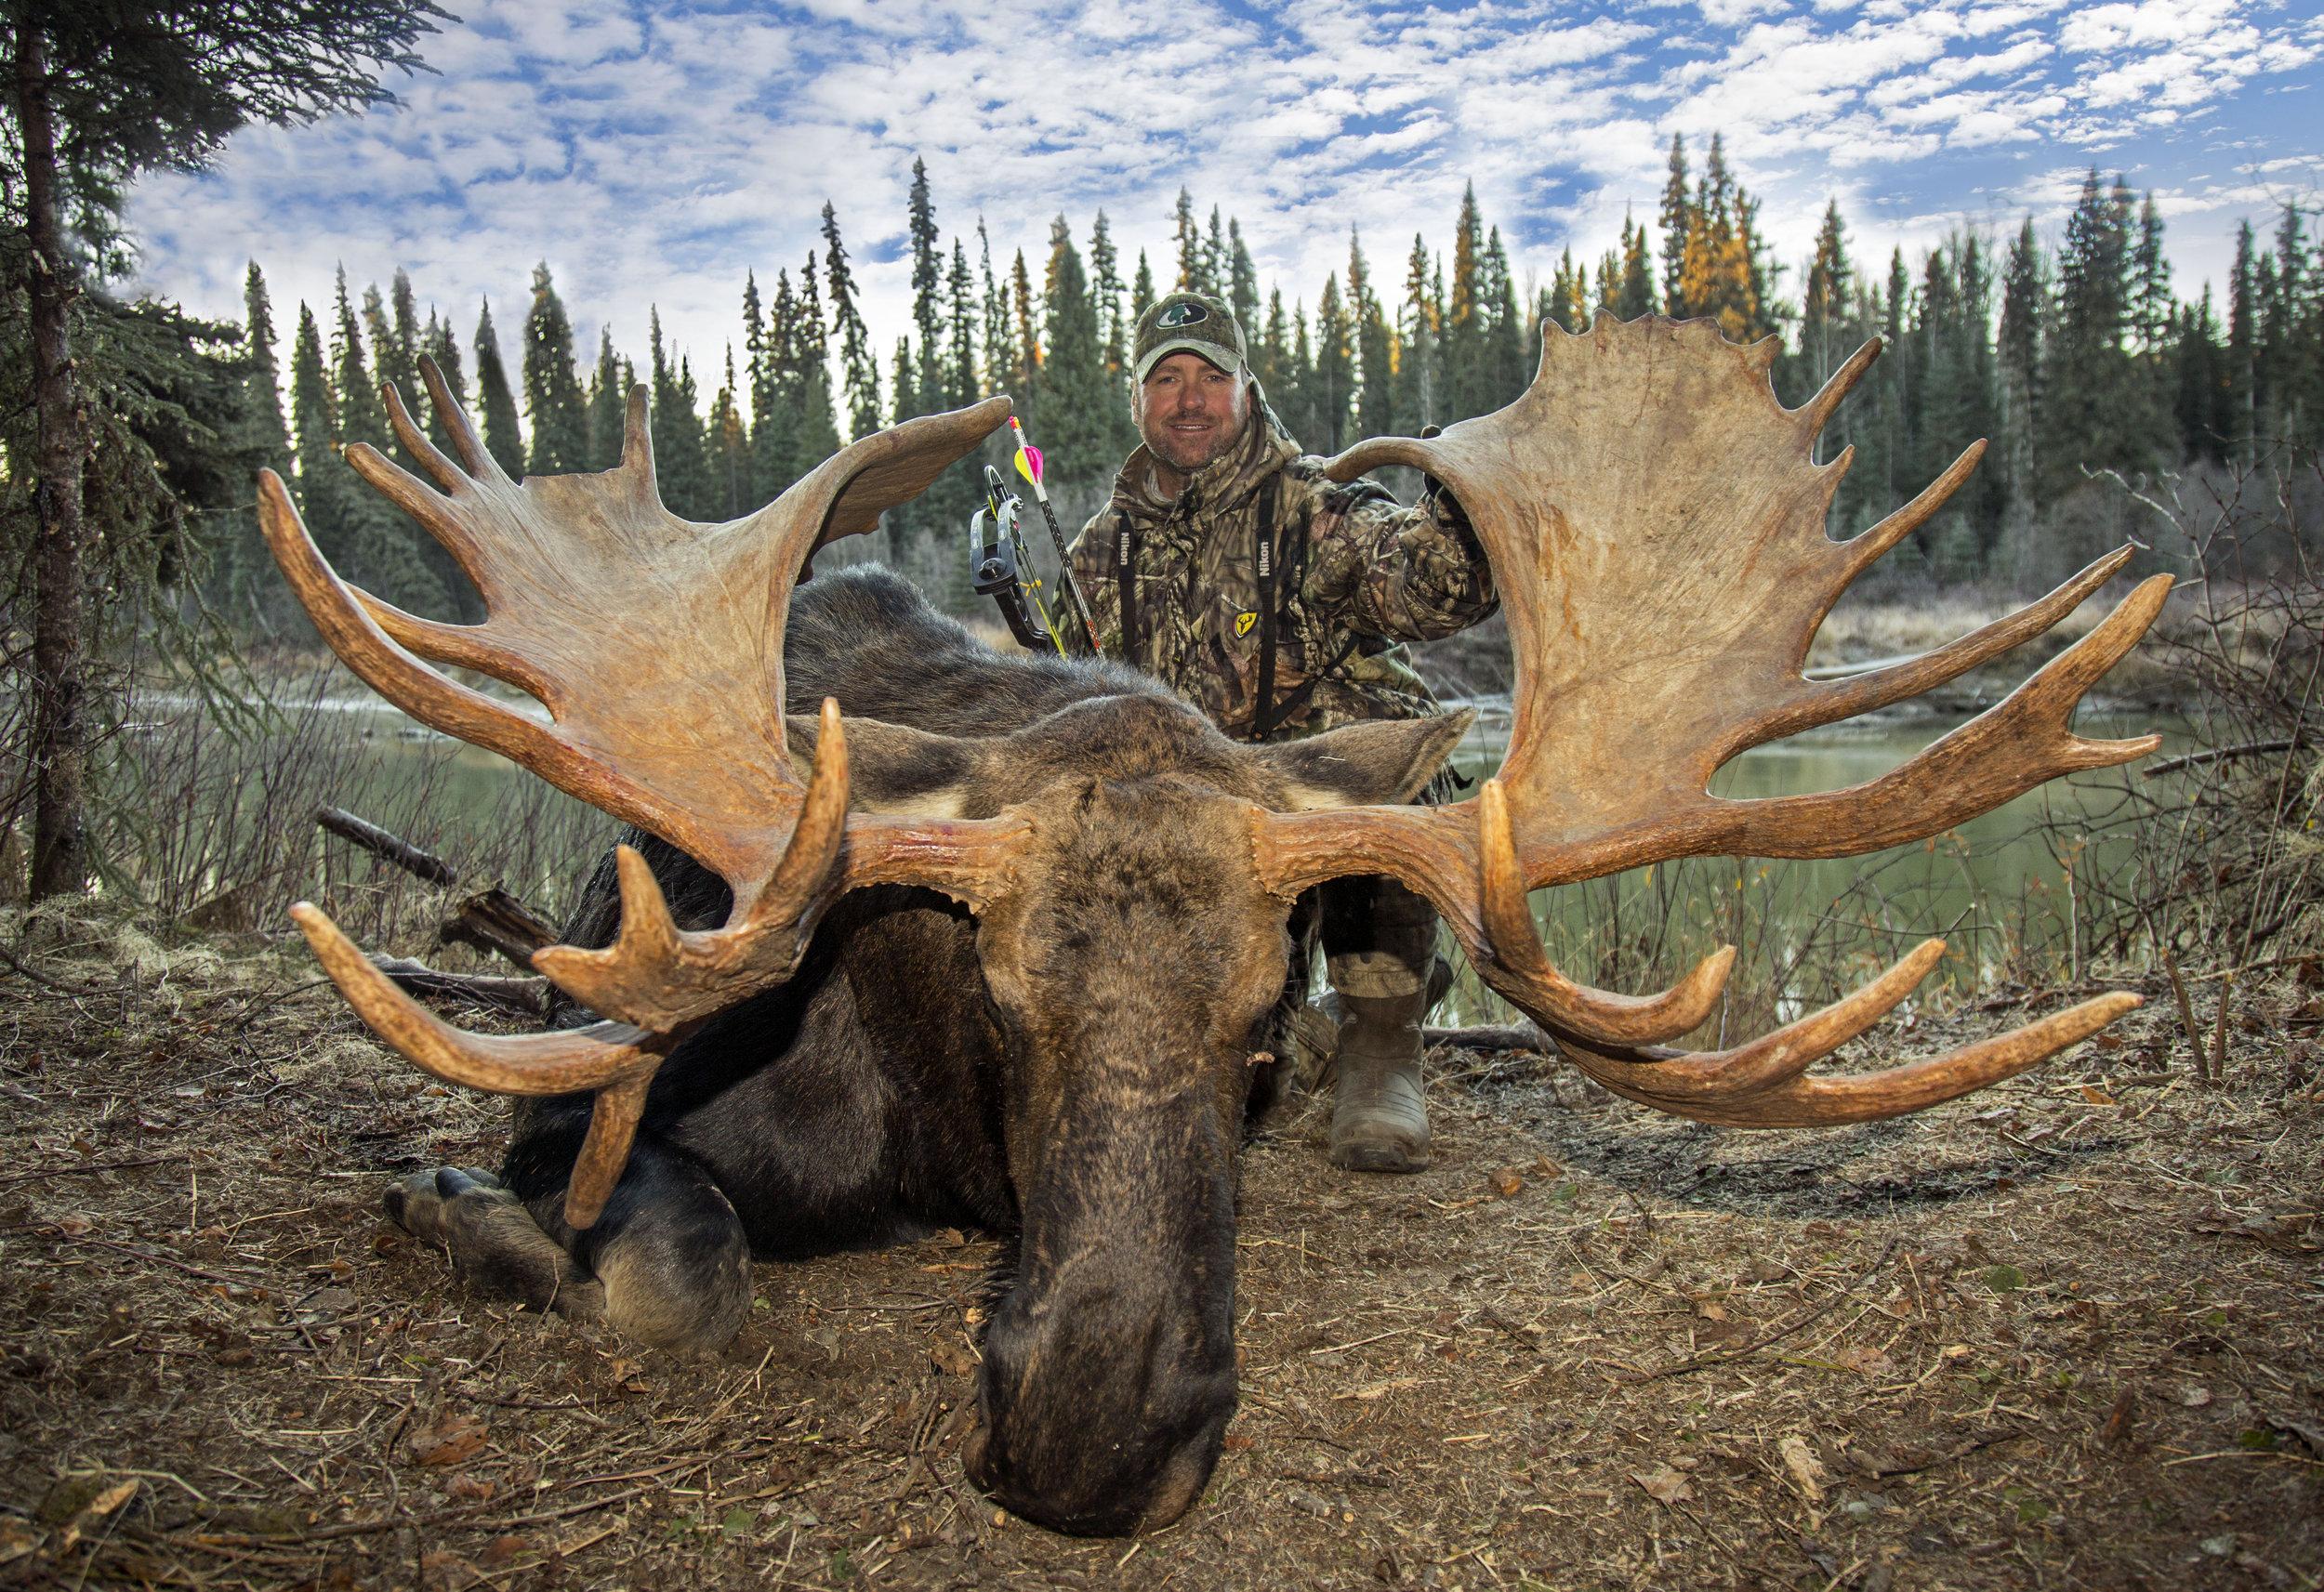 pat moose 1 with Mossy Oak hat.jpg